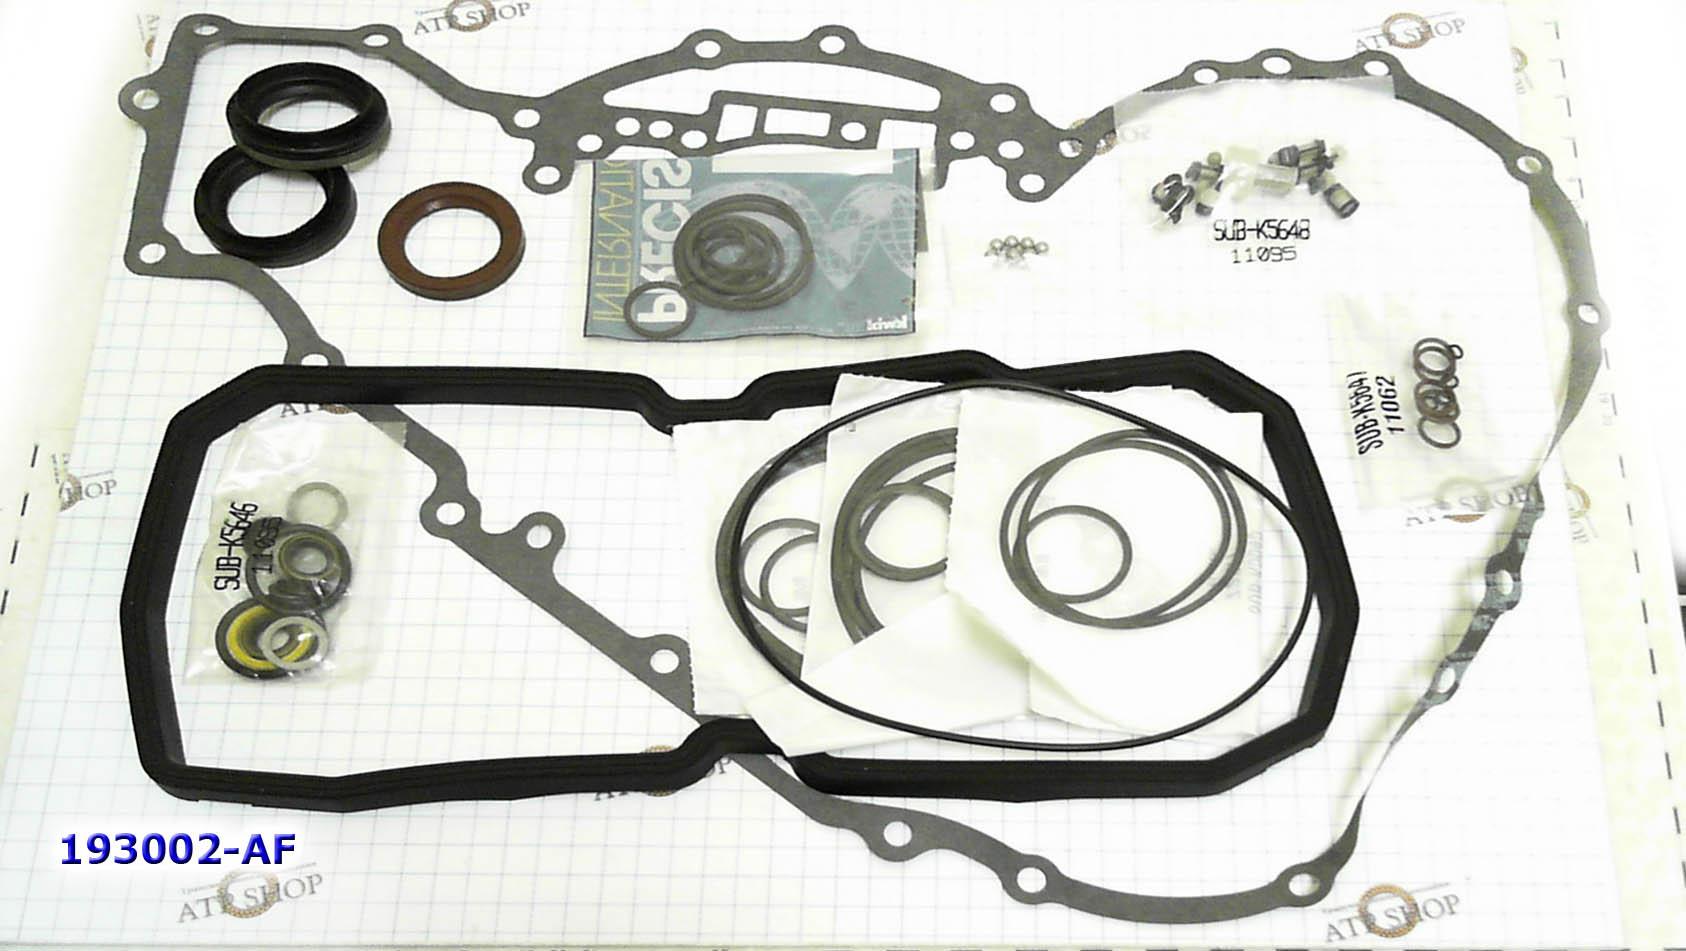 омплект Прокладок и Сальников (Ремкомплект\ Оверол кит\ Overhaul Kit), 722.7 W5A180 5-SPD FWD